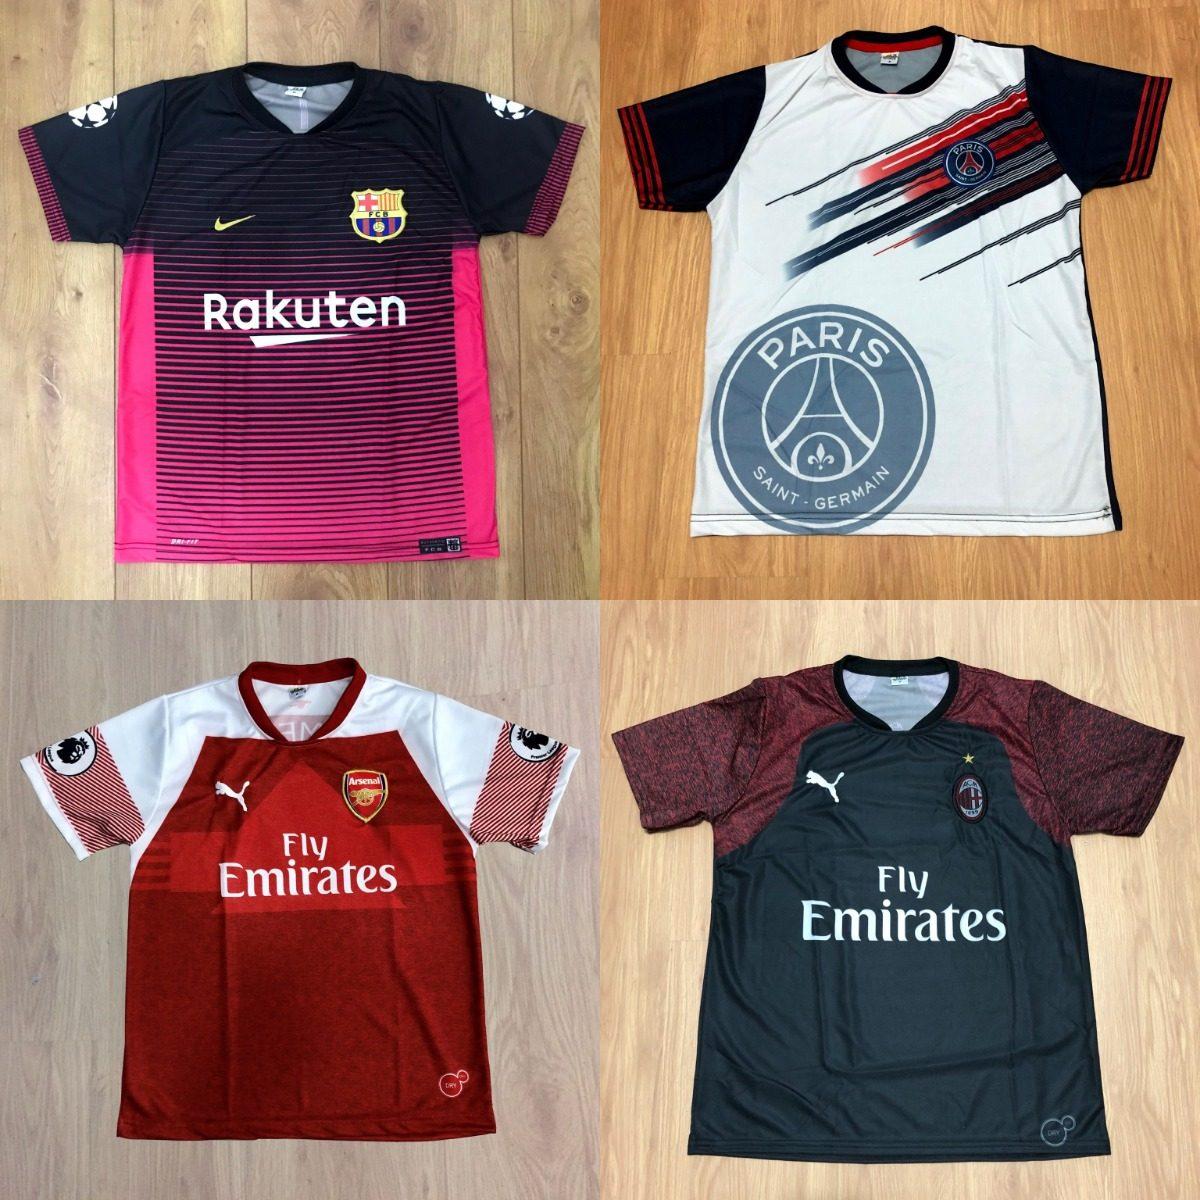 61c25179bd Kit Com 12 Camisetas De Time Camisas De Futebol Atacado - R  233